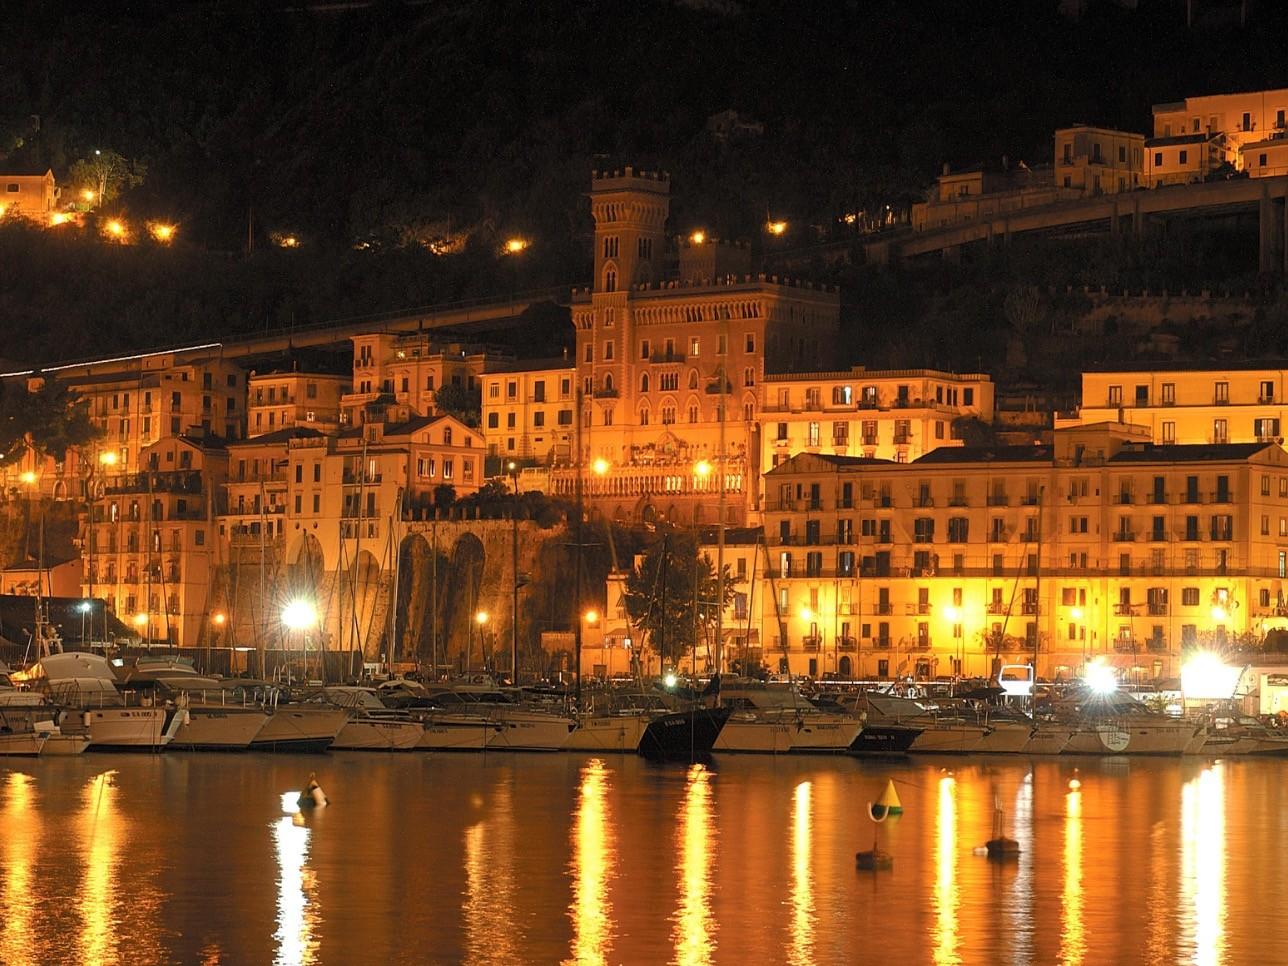 南イタリア・サレルノで行くべき穴場観光&街歩きスポット紹介